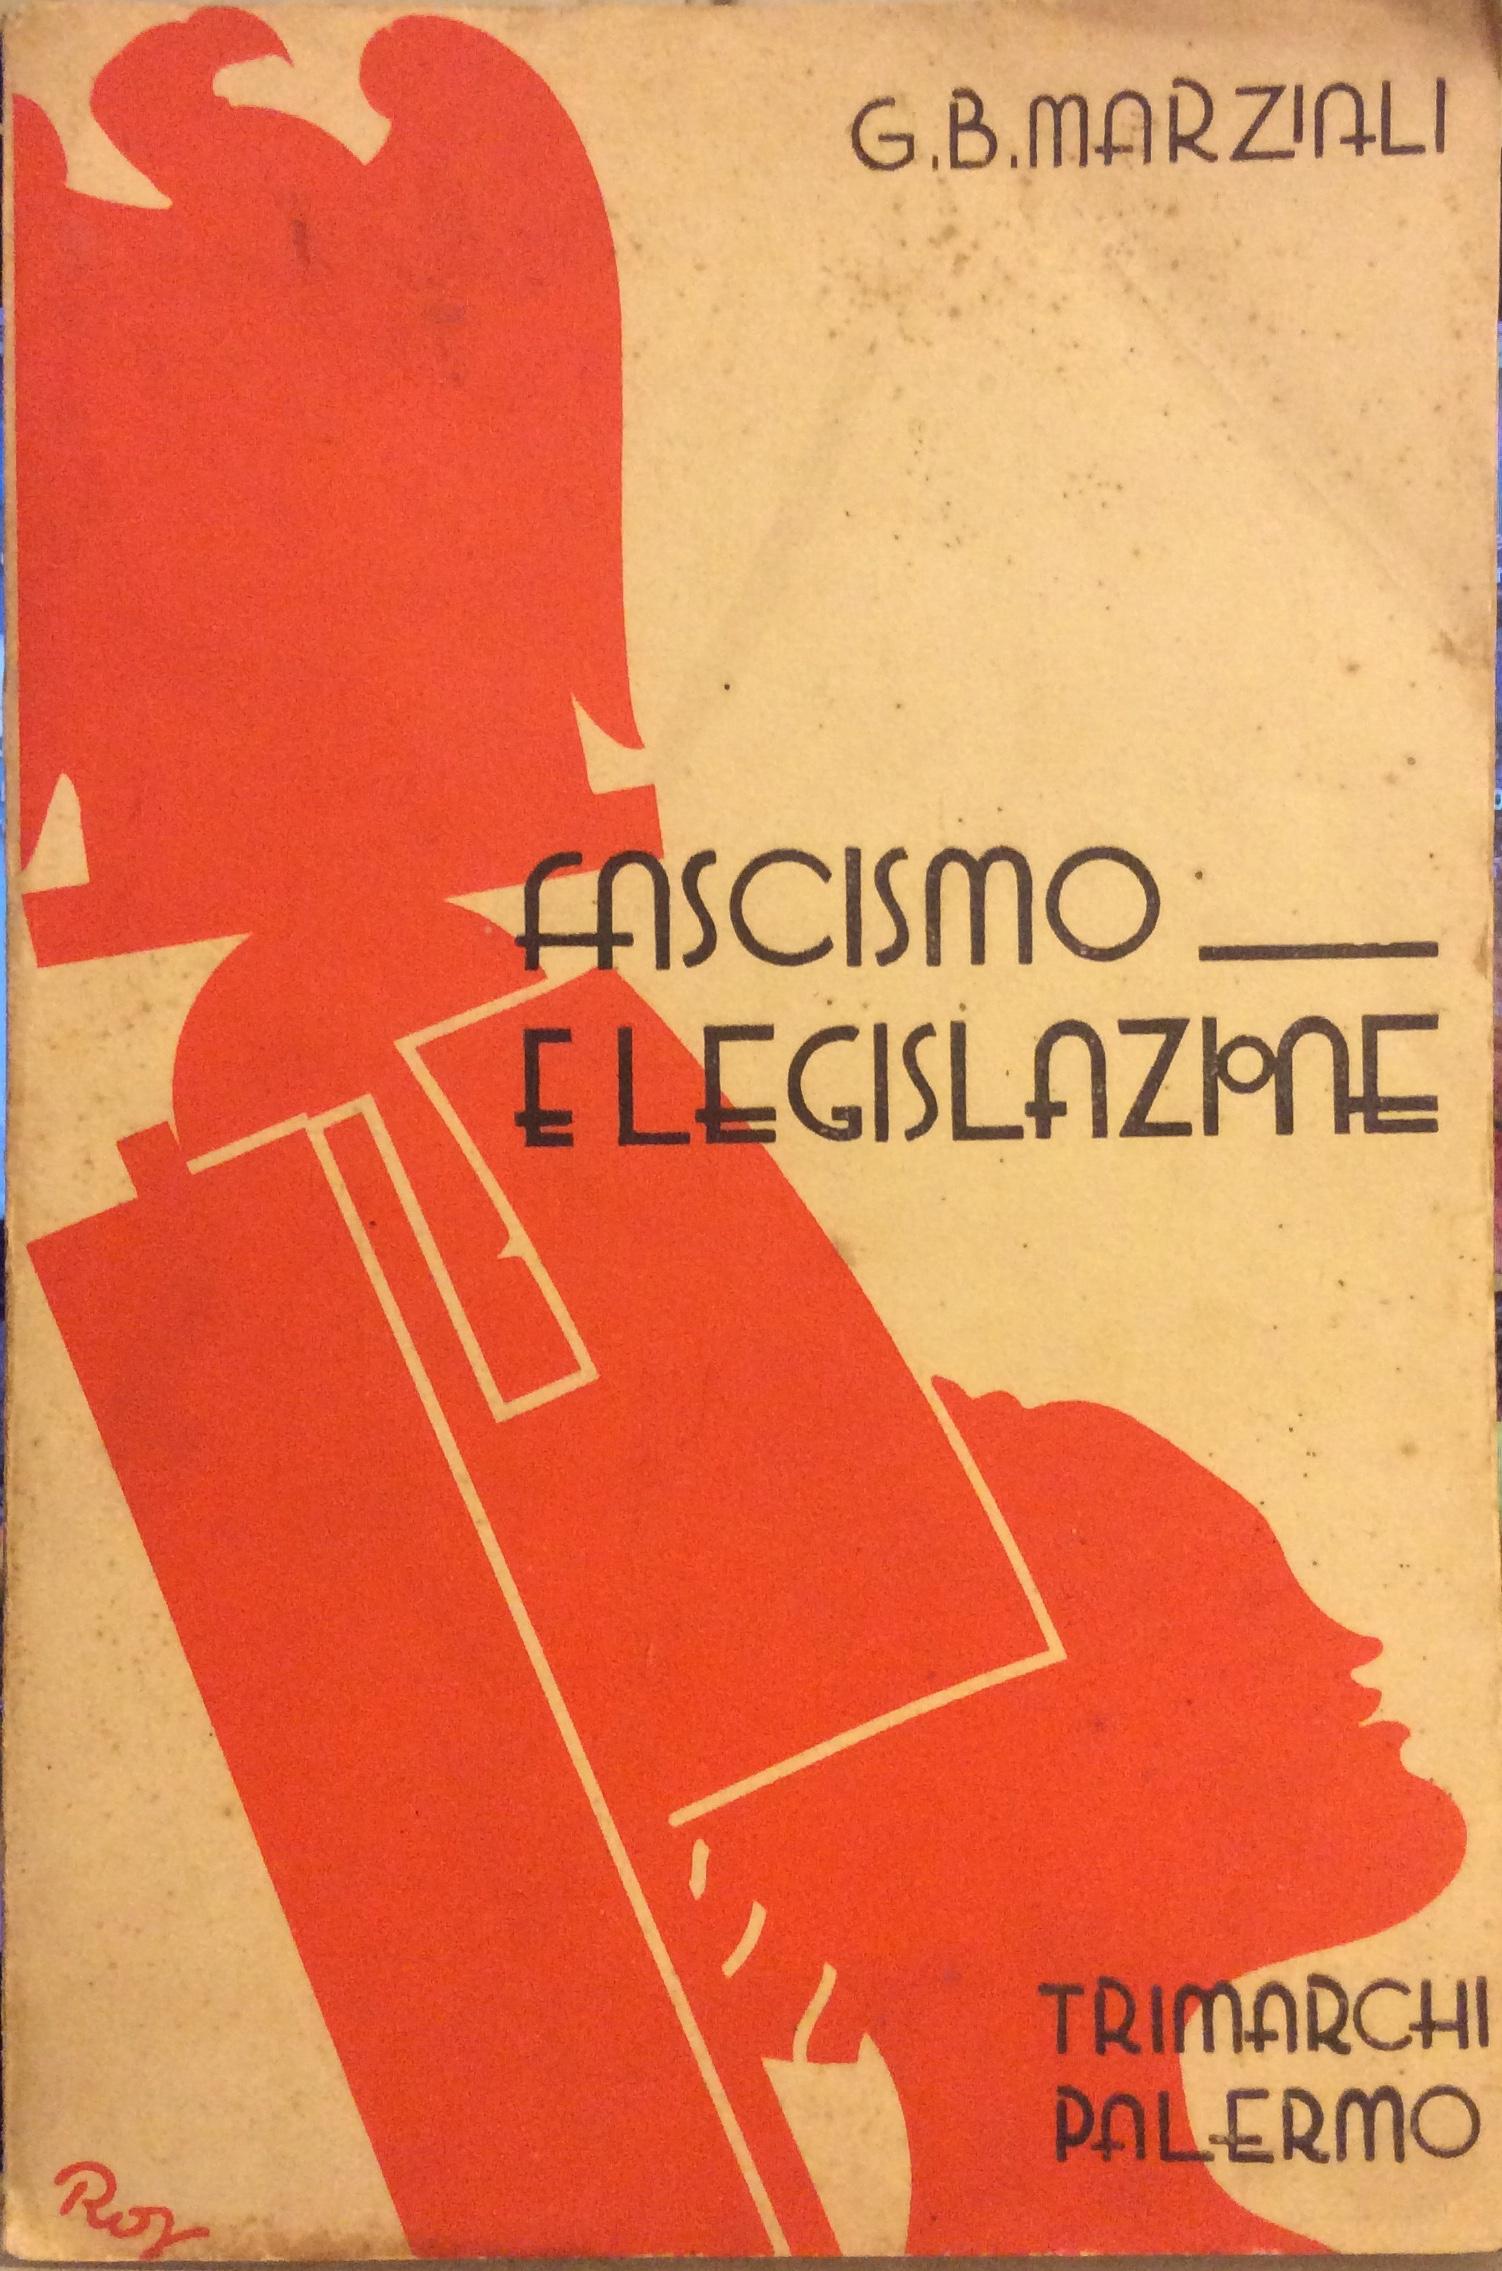 Fascismo e legislazione